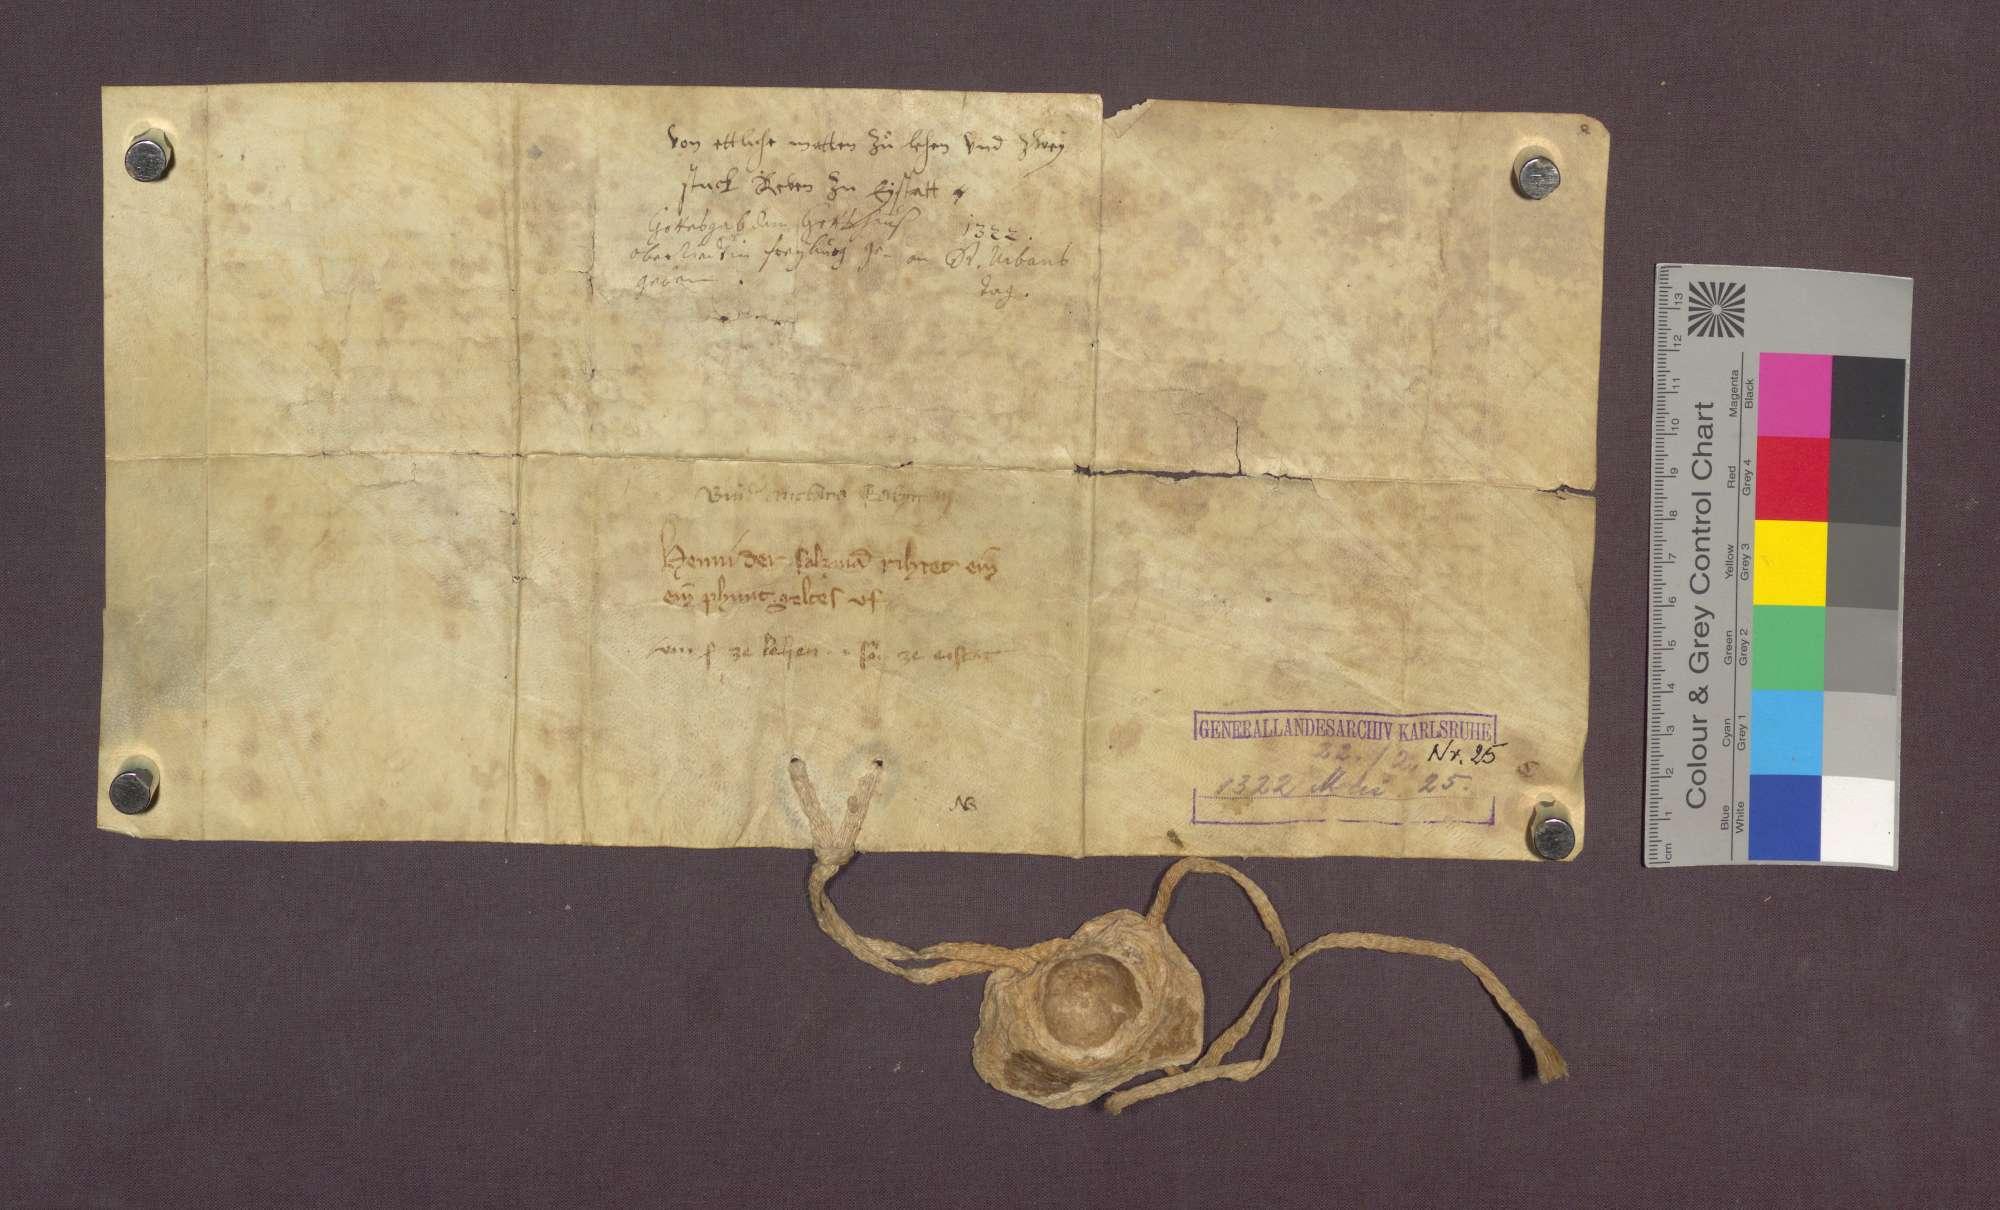 Johann der Salzman, Bürger zu Freiburg, schenkt den Wilhelmiten zu Freiburg zu einem Almosen für seinen dem Kloster angehörigen Bruder eine Matte zu Lehen und 2 Rebstücke zu Eichstetten, indem er sich und seinen Nachkommen dieselben gegen 1 Pfund Pfennige Zins zu Erblehen übertragen lässt., Bild 2